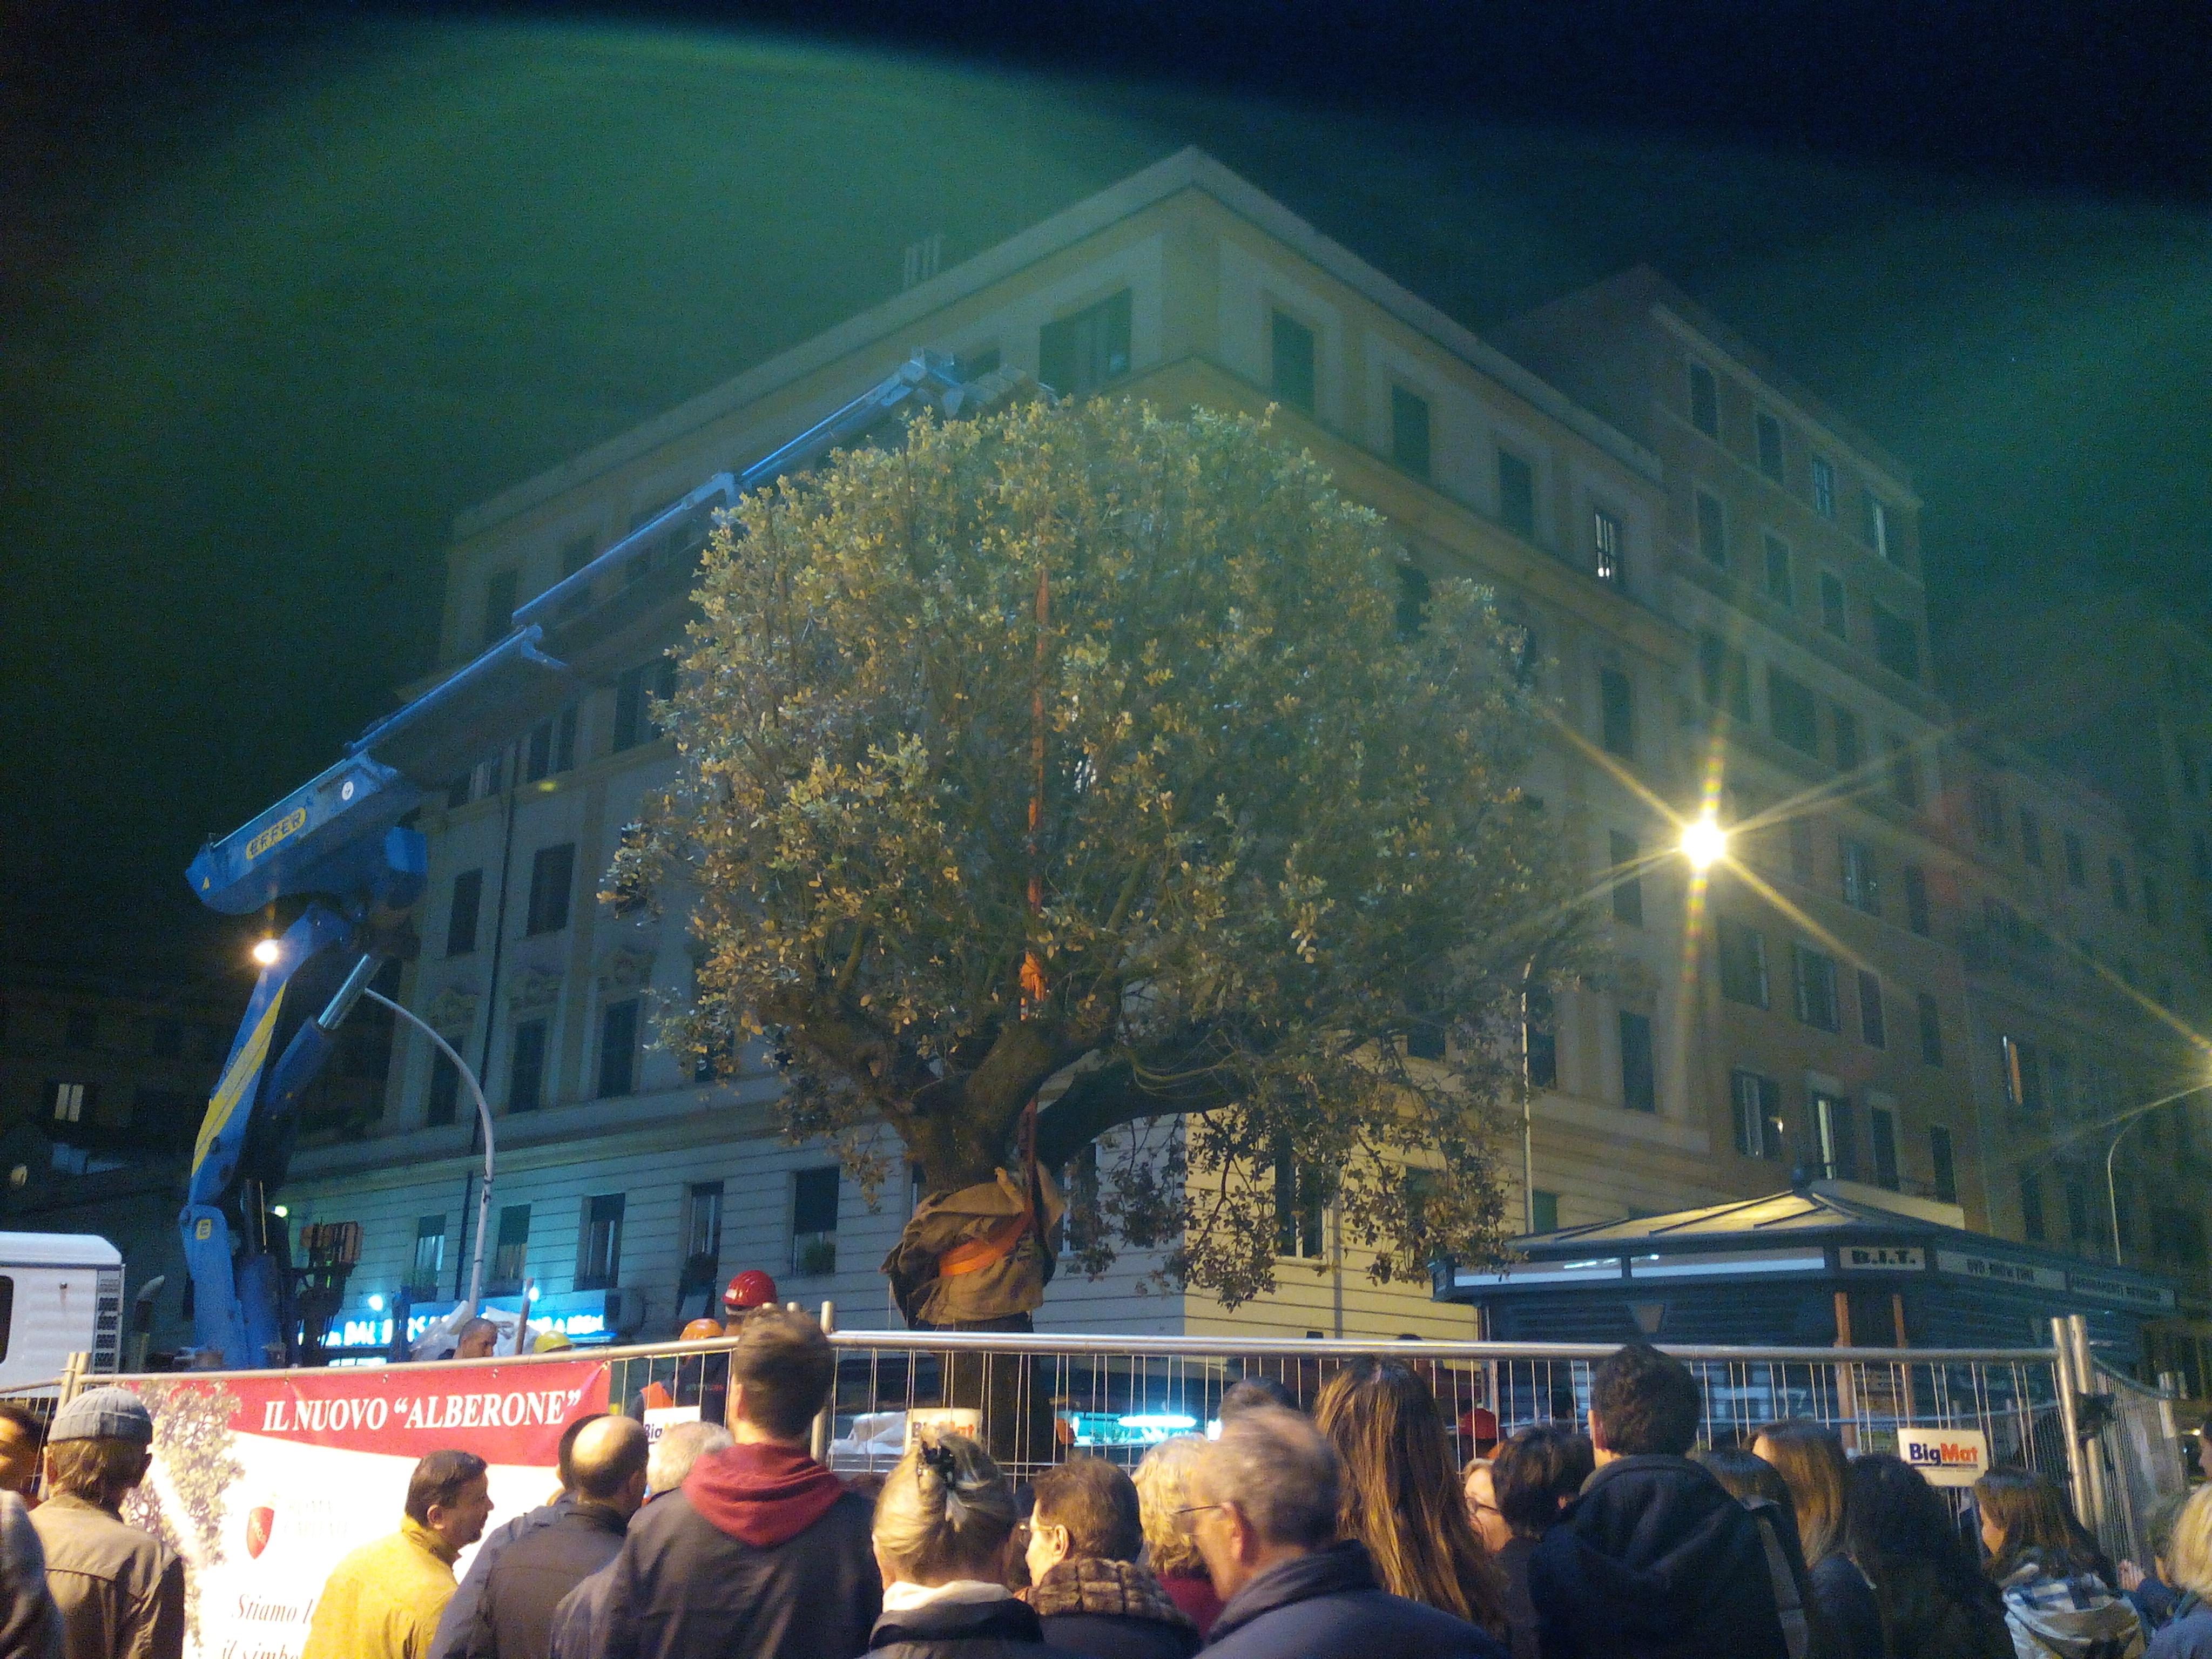 19 Novembre 2014 - Arrivo del nuovo Alberone